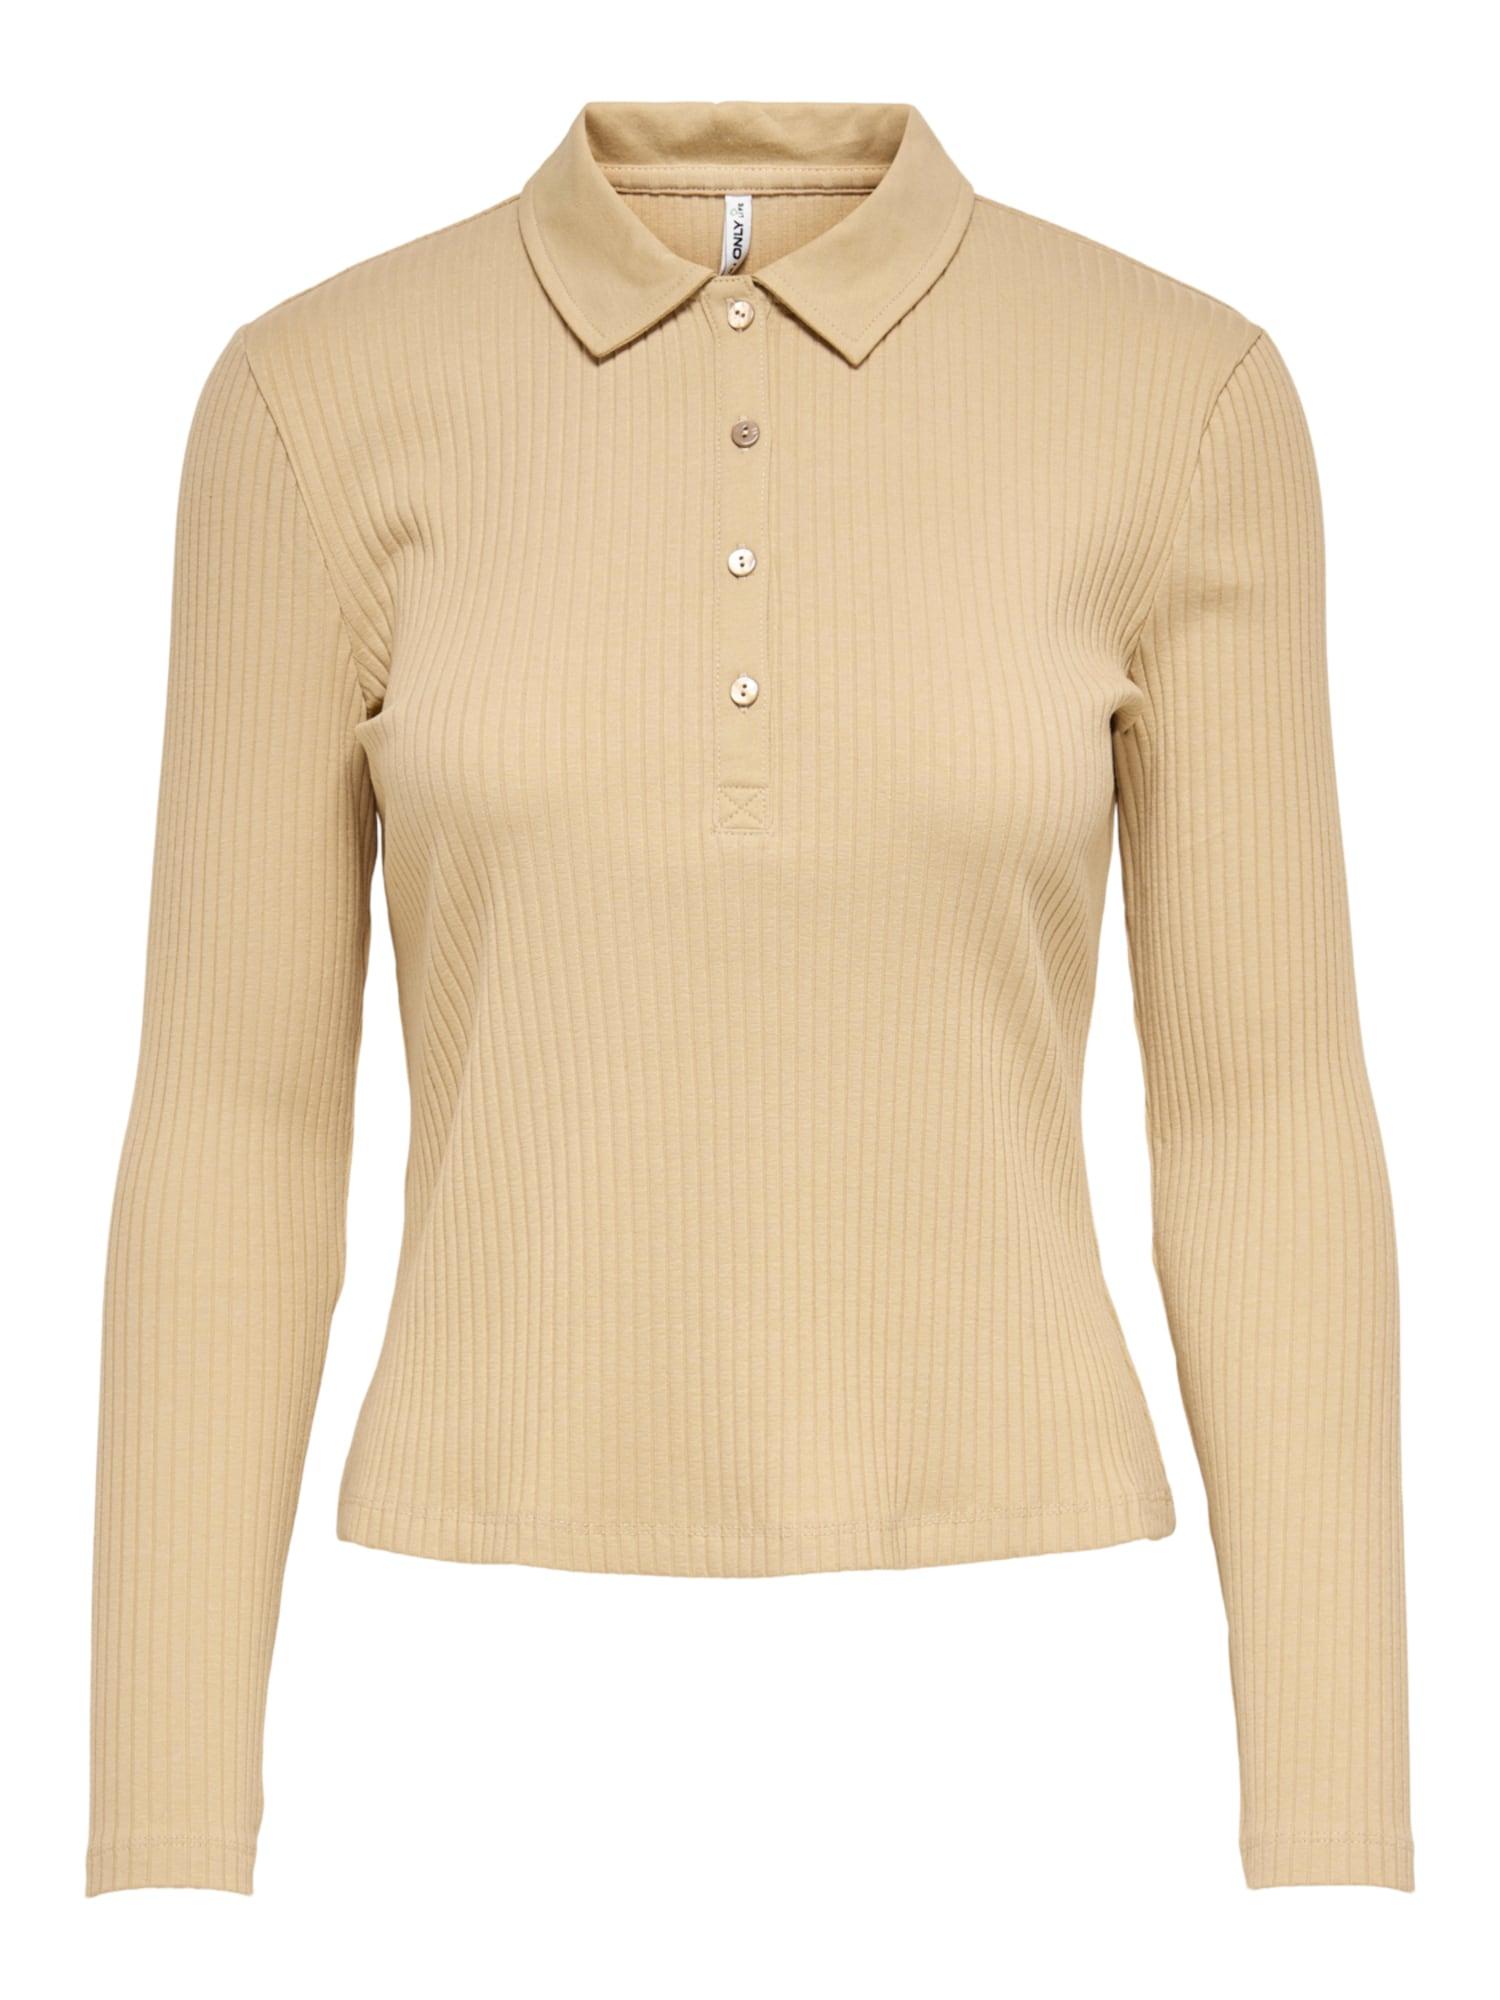 ONLY Marškinėliai 'Uma' gelsvai pilka spalva